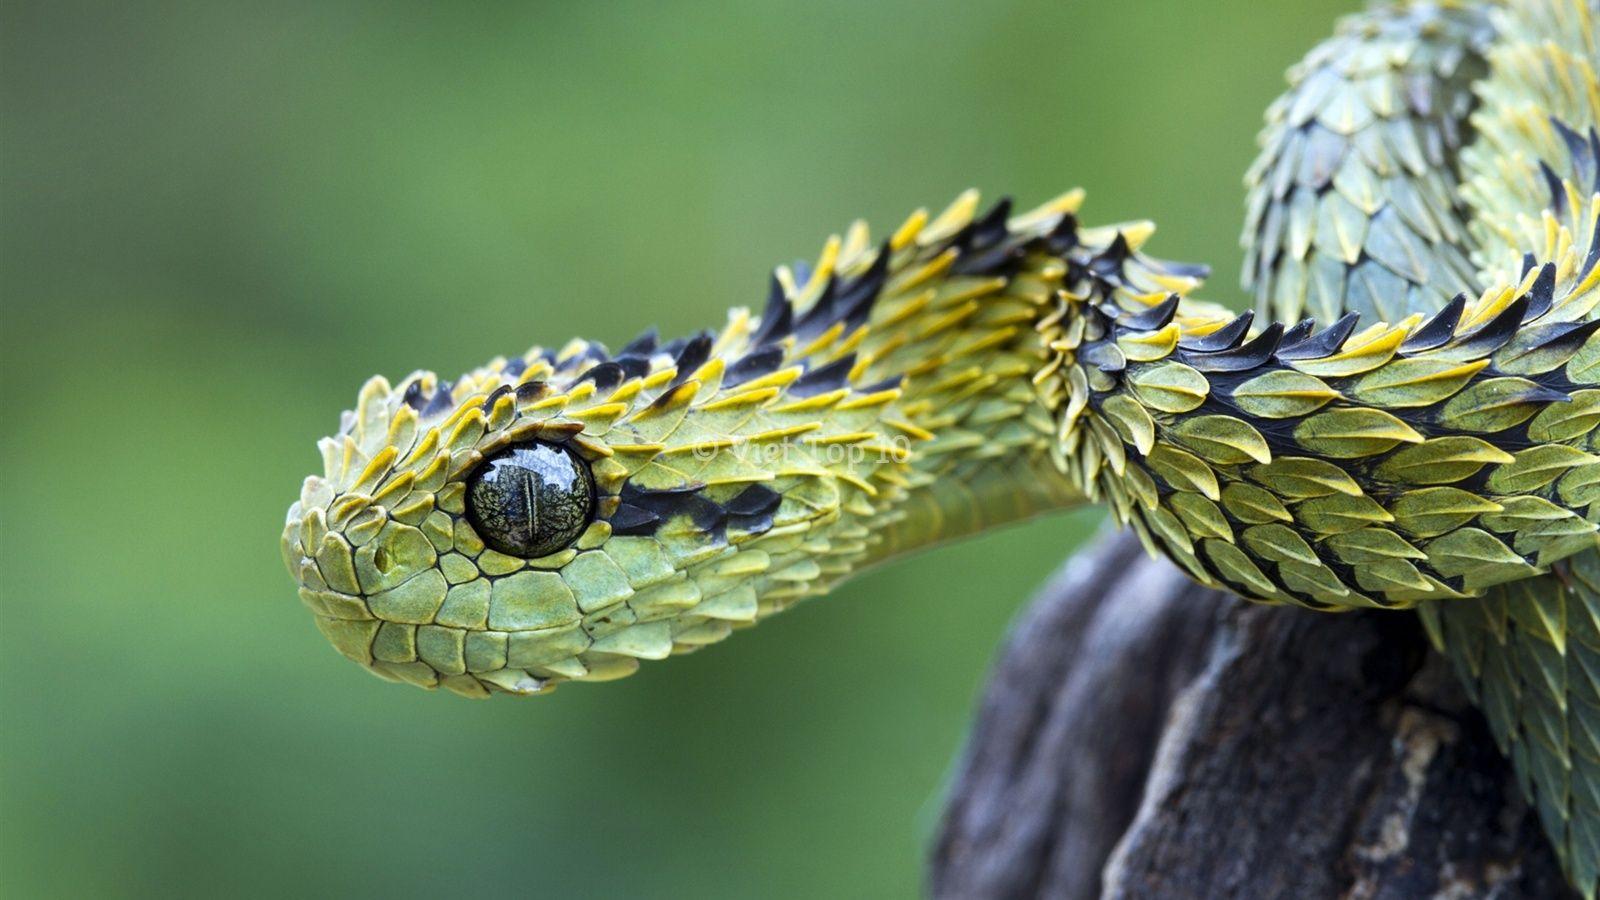 loài rắn kỳ lạ và độc đáo - việt top 10 - việt top 10 net - viettop10